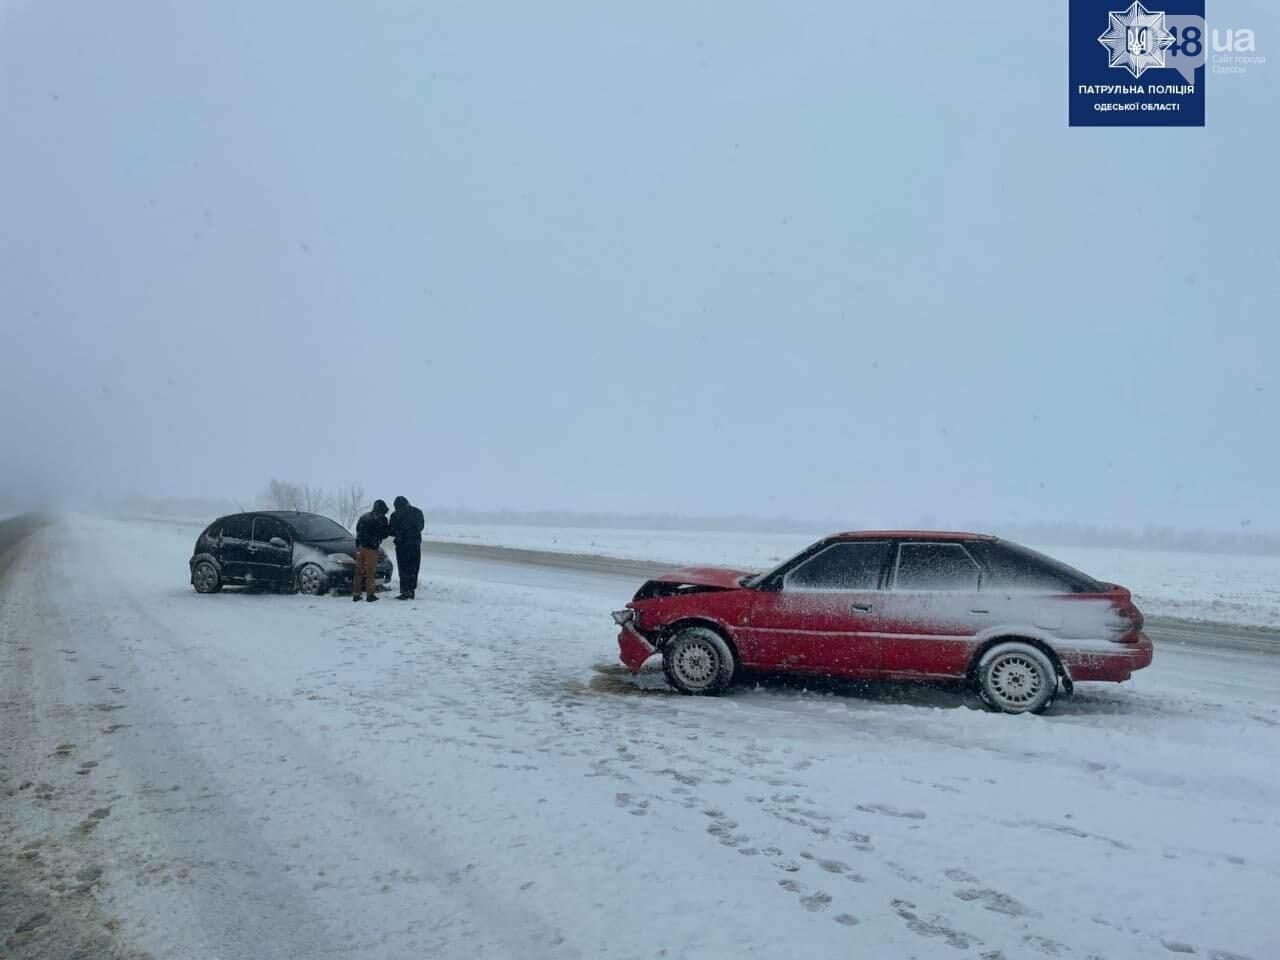 Непогода в Одессе и области: патрульные оказали помощь семье с младенцем, - ФОТО, ВИДЕО, фото-1